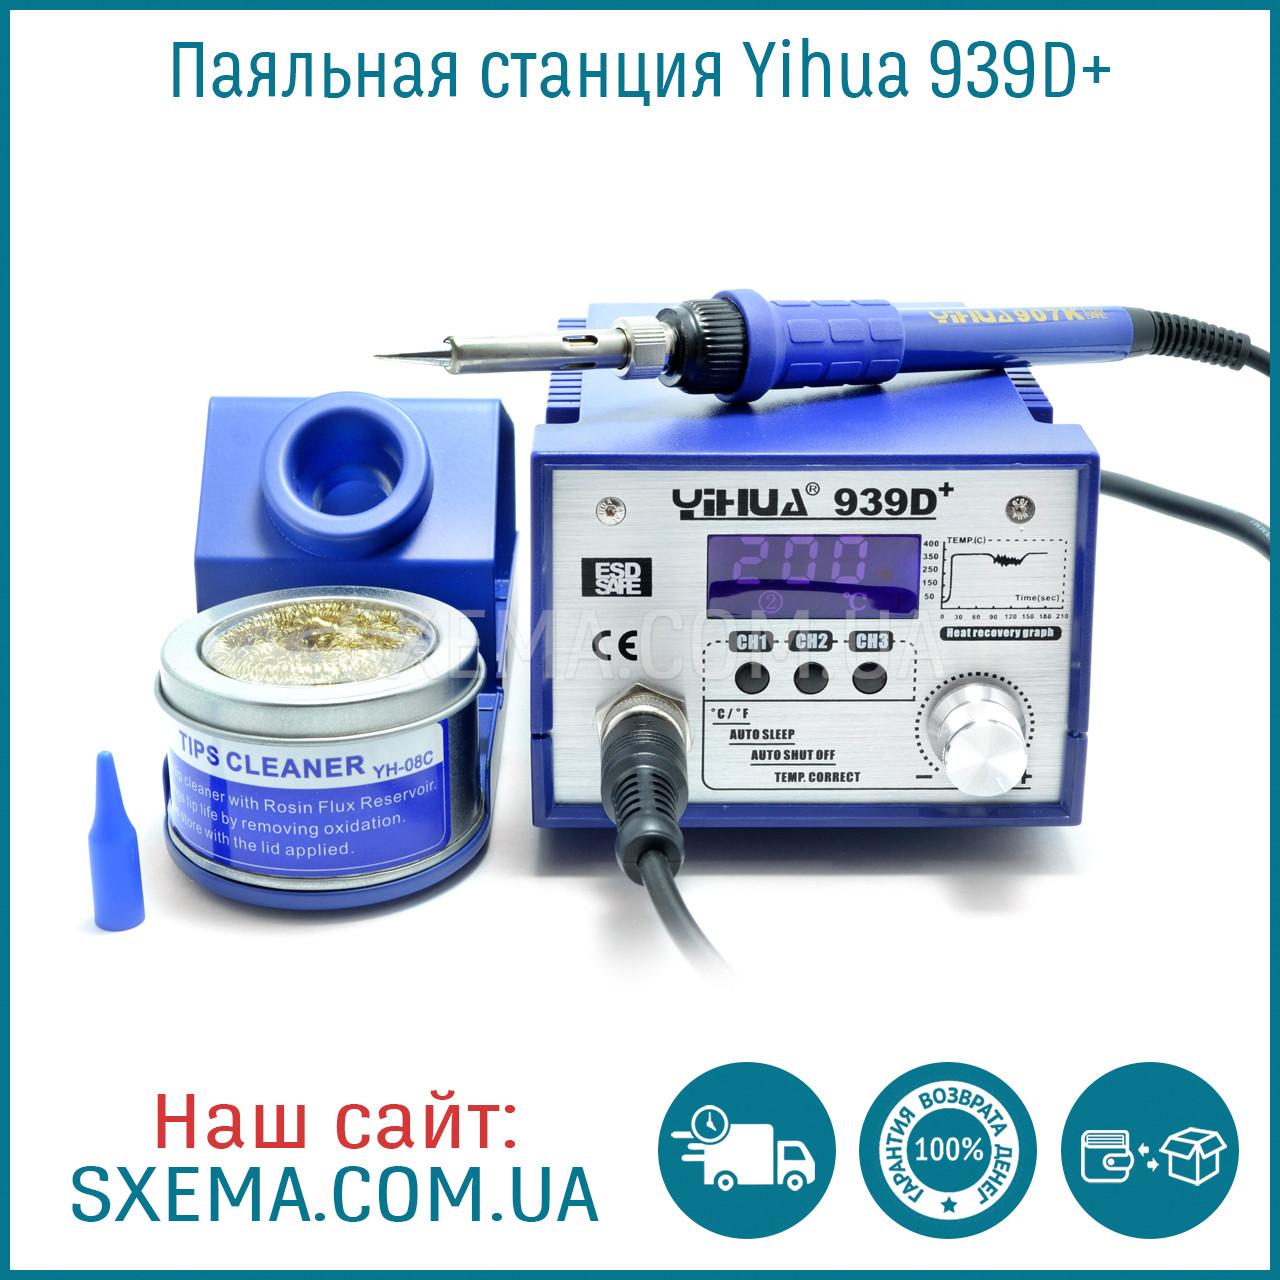 Паяльная станция YIHUA 939D+ паяльник с цифровой индикацией и аналоговым регулятором